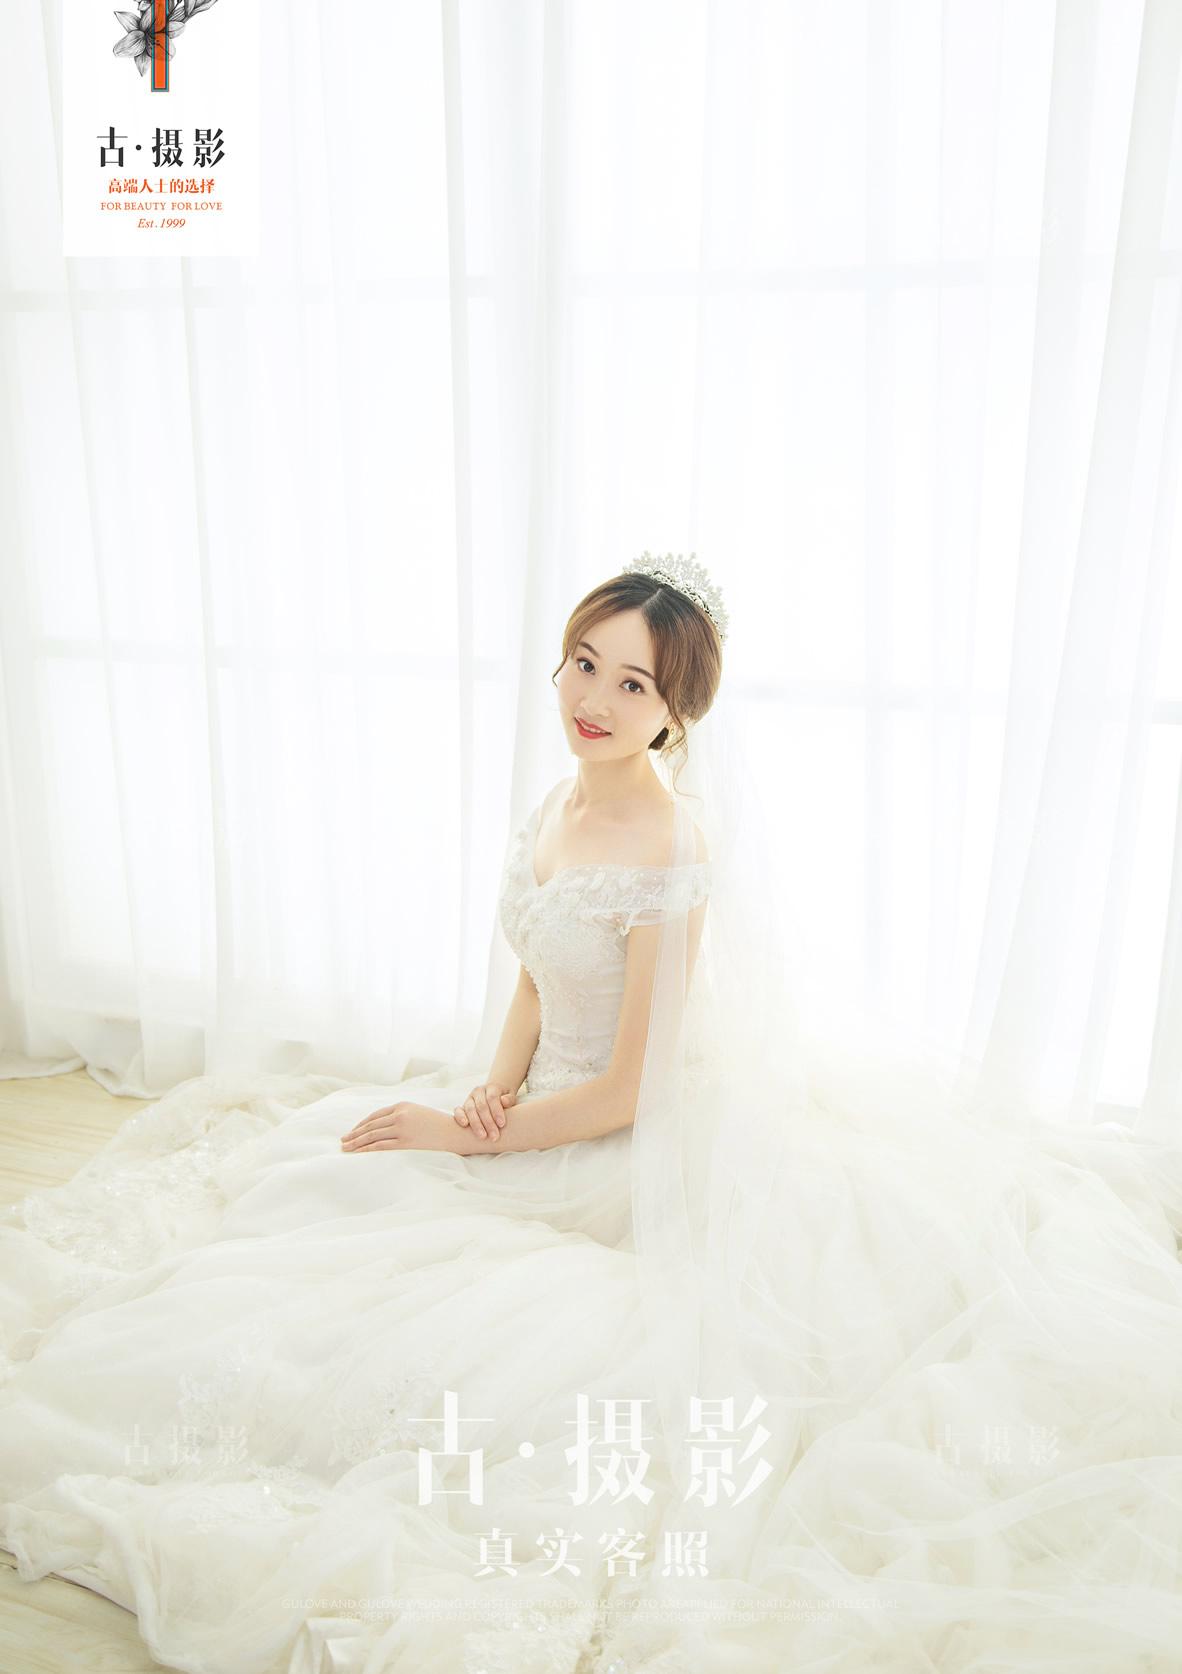 8月7日客片张先生 陈小姐 - 每日客照 - love昆明古摄影-昆明婚纱摄影网